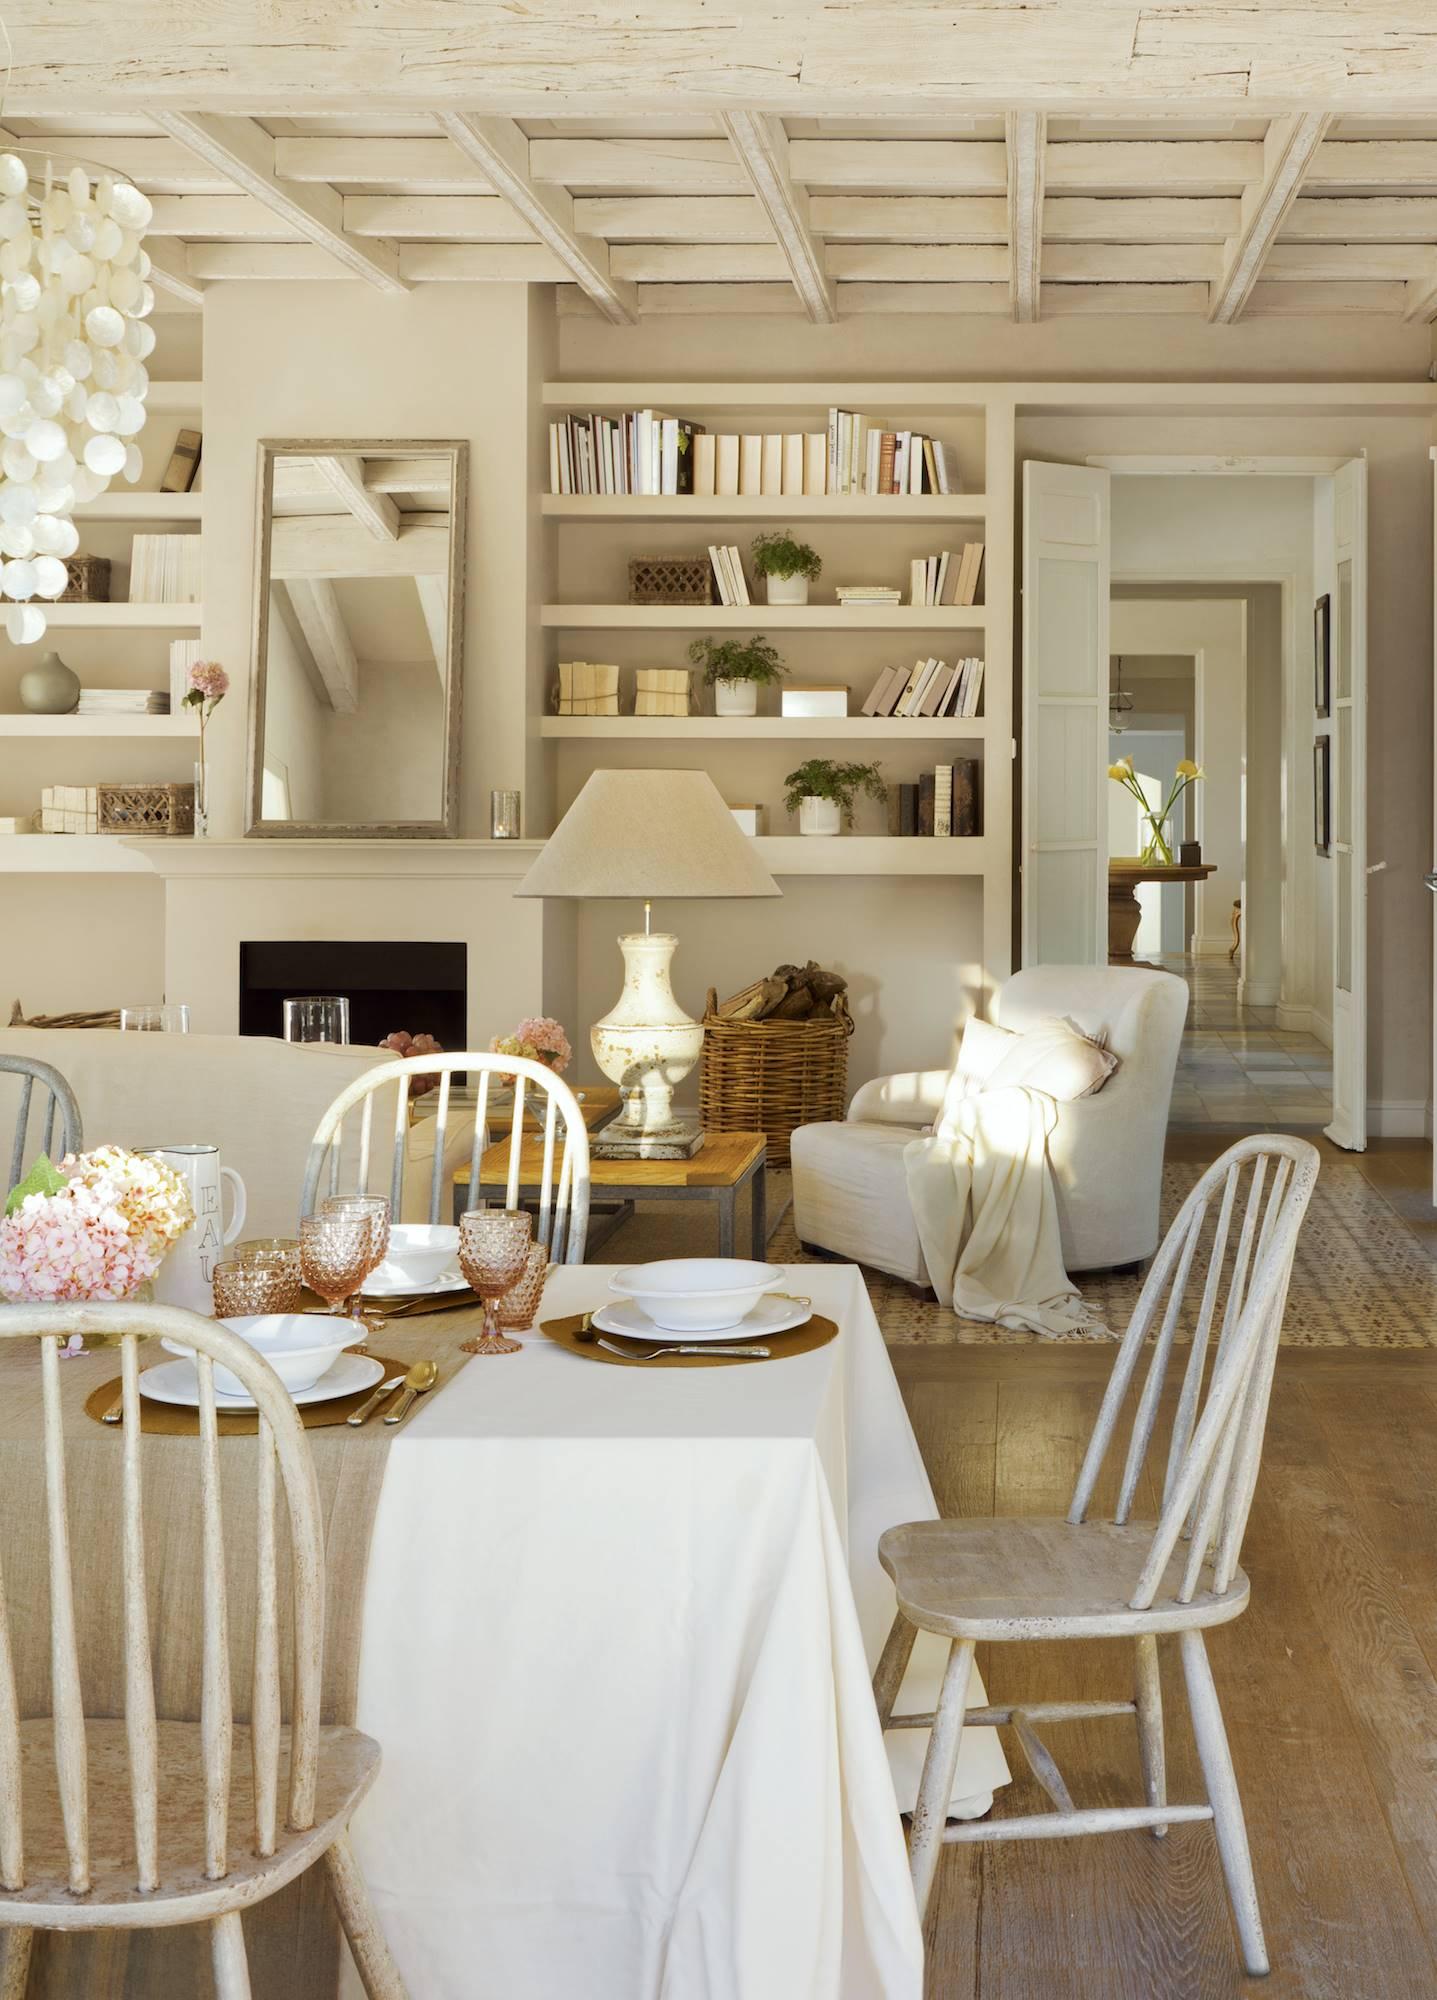 salon comedor rustico blanco y beig 00404546. El color beige lo tiene todo: es cálido y luminoso